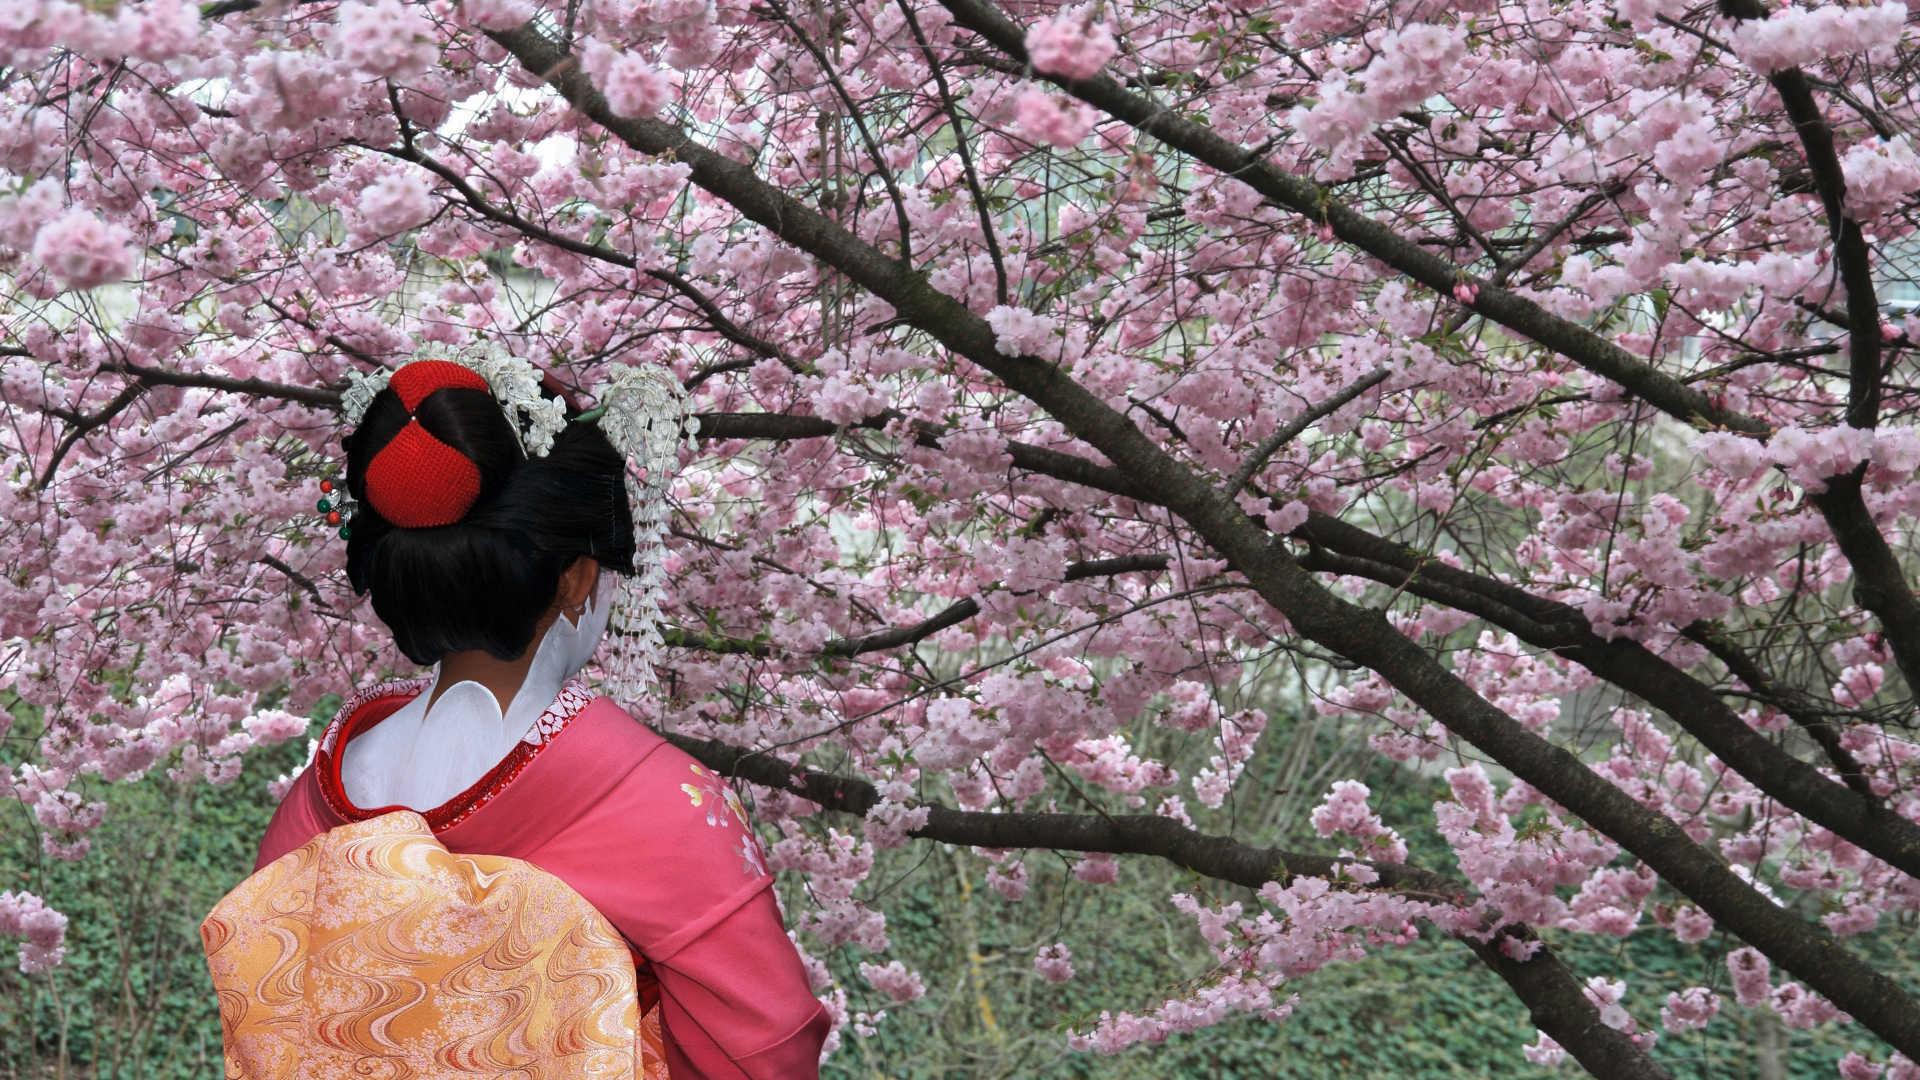 Екскурзия в Южна Корея и Япония - древни традиции и високи технологии 2020, Екскурзия в Япония My Way Travel